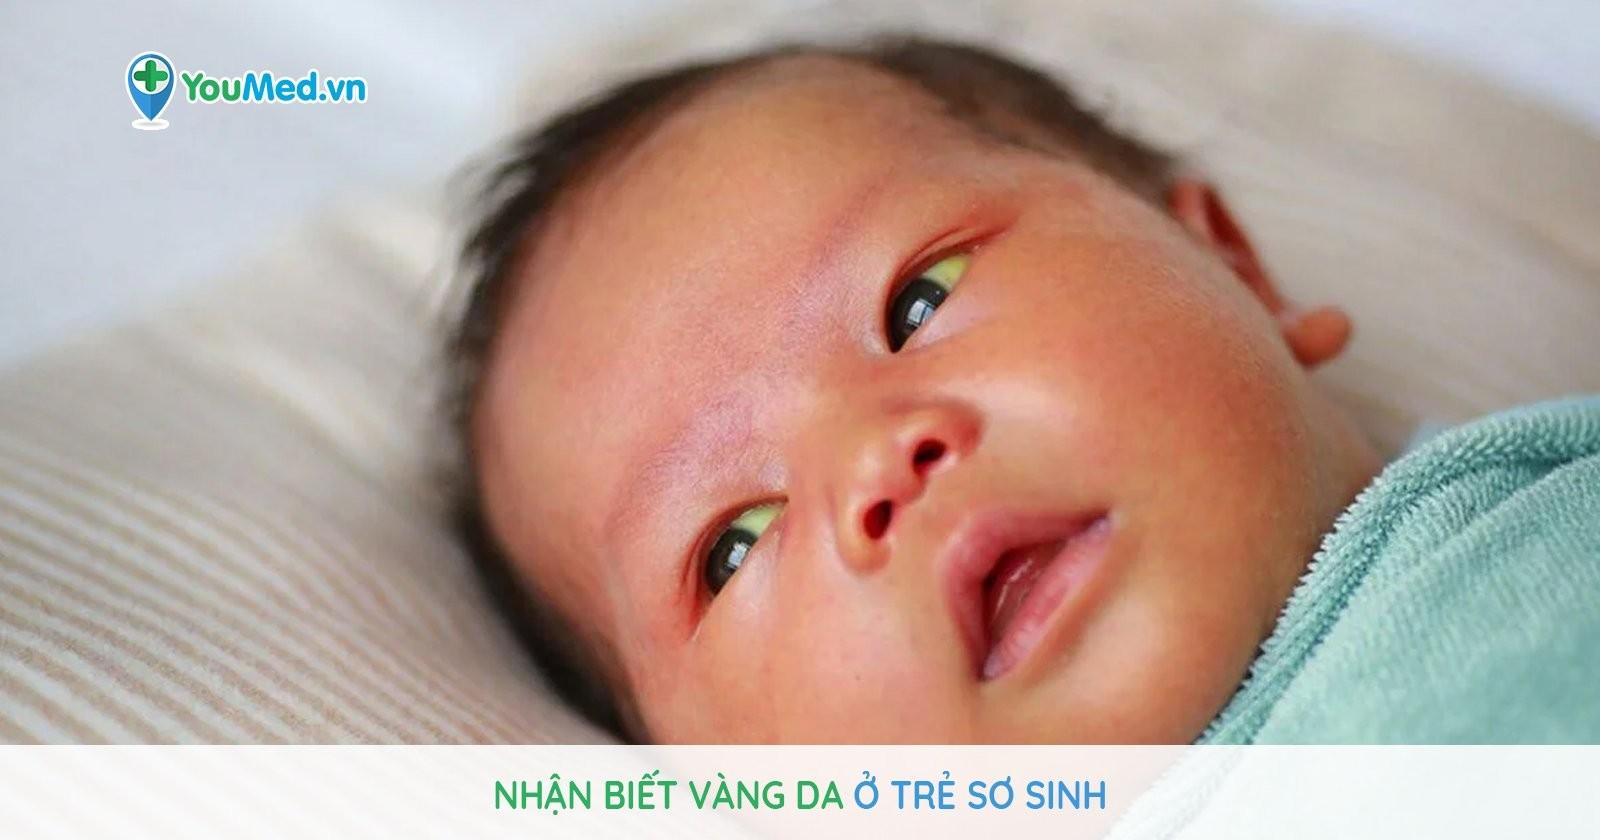 Nhận biết vàng da ở trẻ sơ sinh